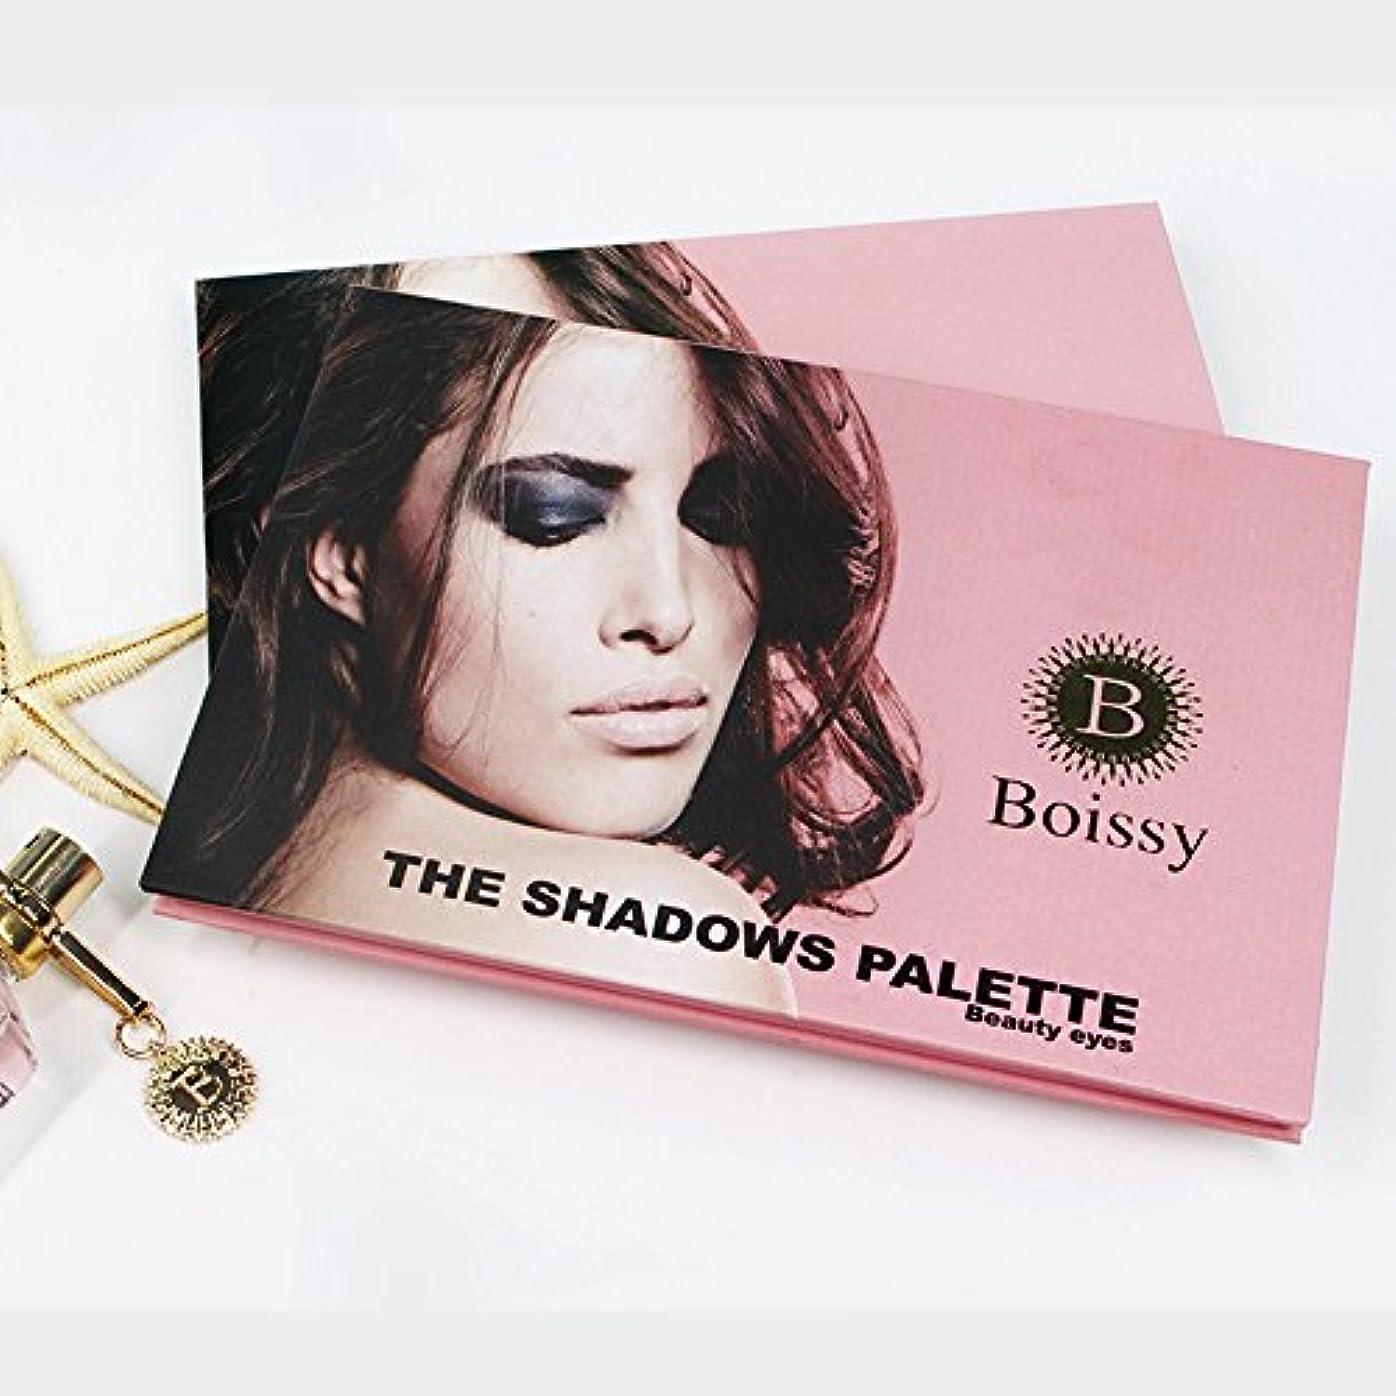 マインドフルガチョウボイドAkane アイシャドウパレット BOISSY ファッション 可愛い 魅力的 キラキラ 人気 ピンク 綺麗 長持ち おしゃれ 防水 チャーム 日常 持ち便利 Eye Shadow (24色)